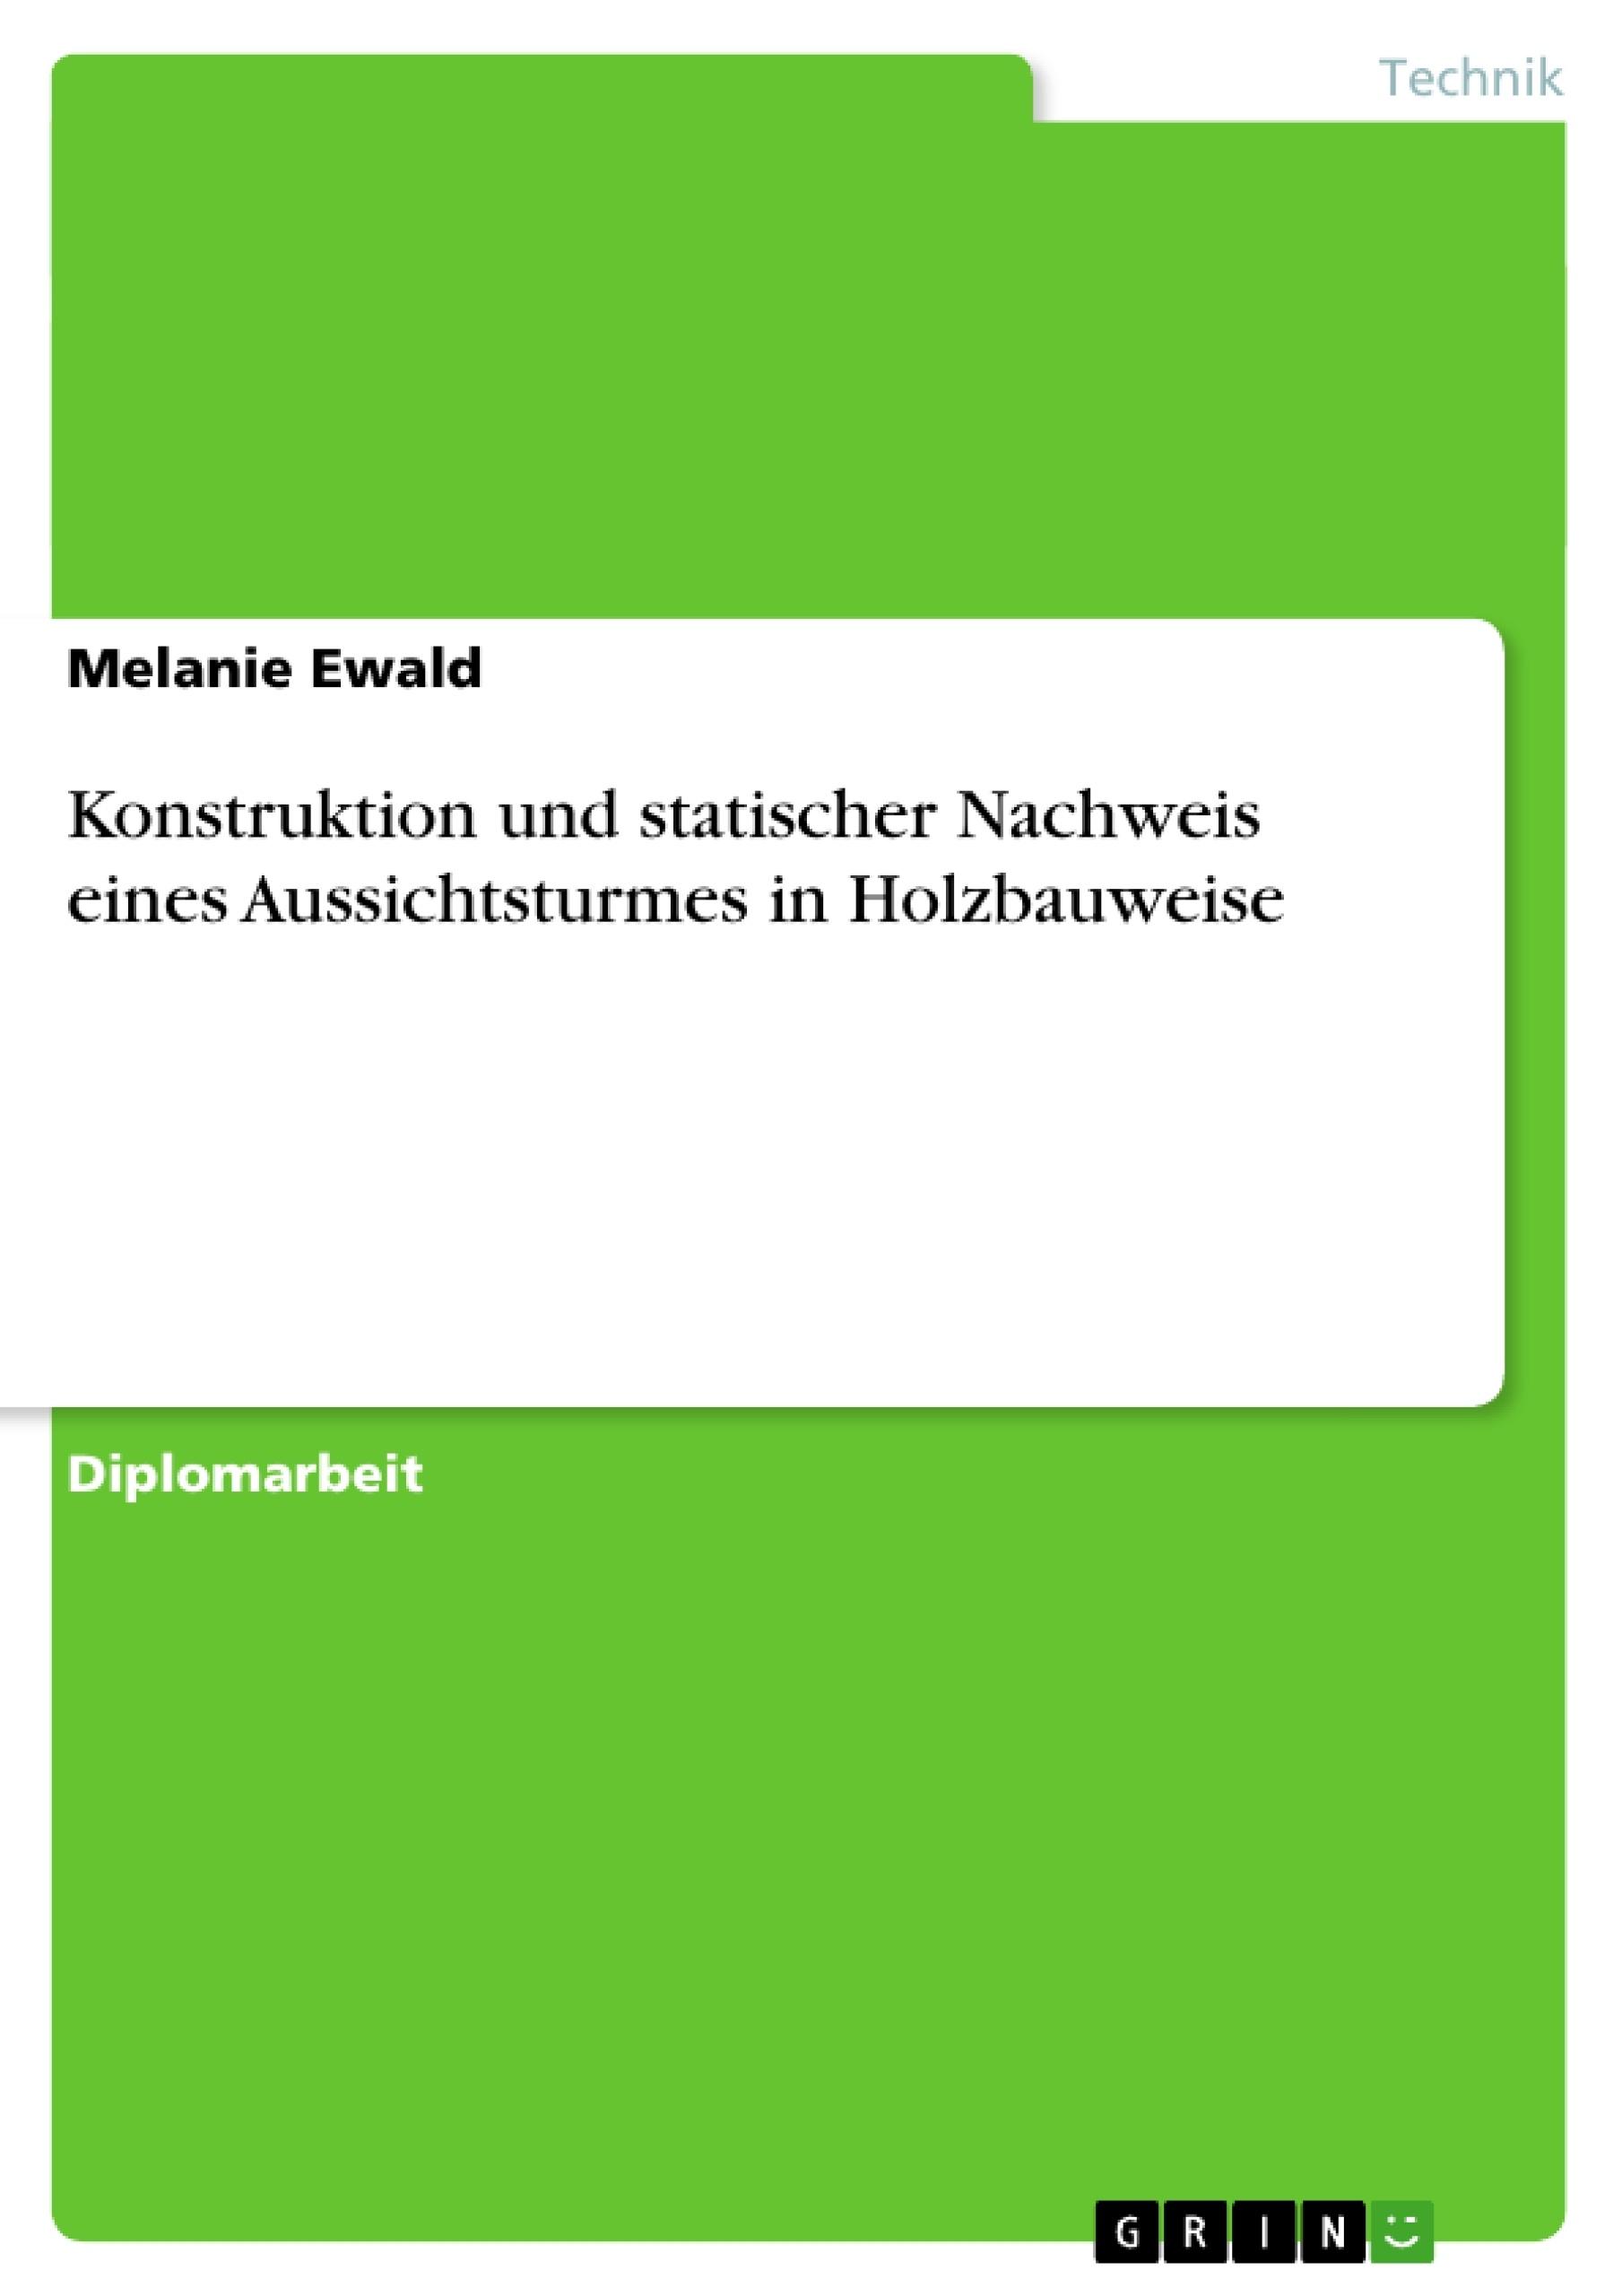 Titel: Konstruktion und statischer Nachweis eines Aussichtsturmes in Holzbauweise